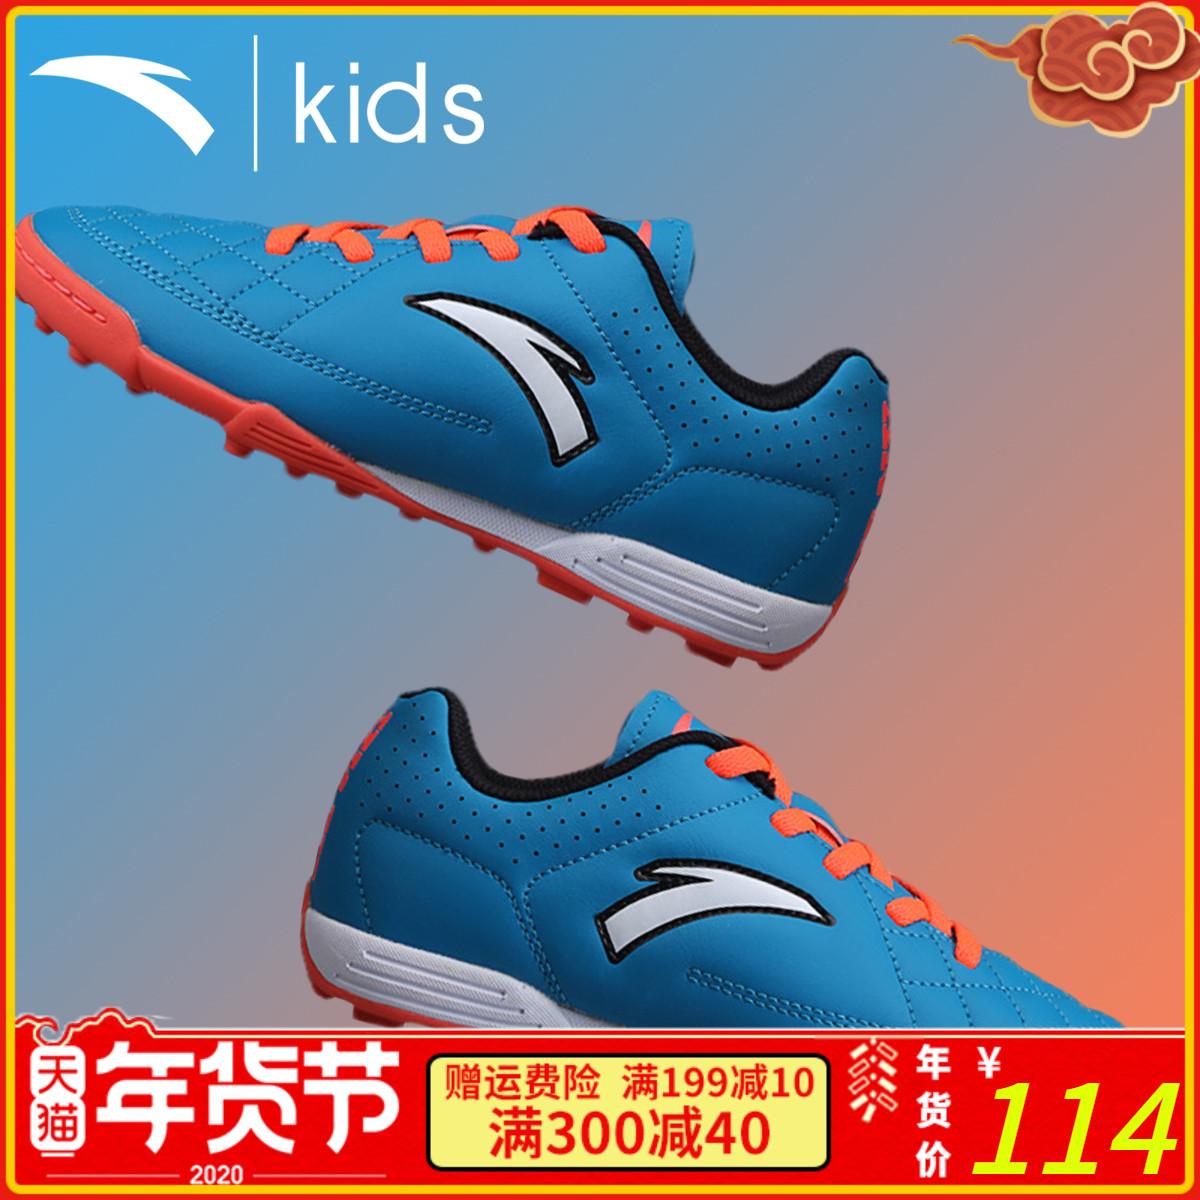 安踏童鞋男童足球鞋男官网秋冬中大童小学生碎钉球鞋儿童运动鞋子